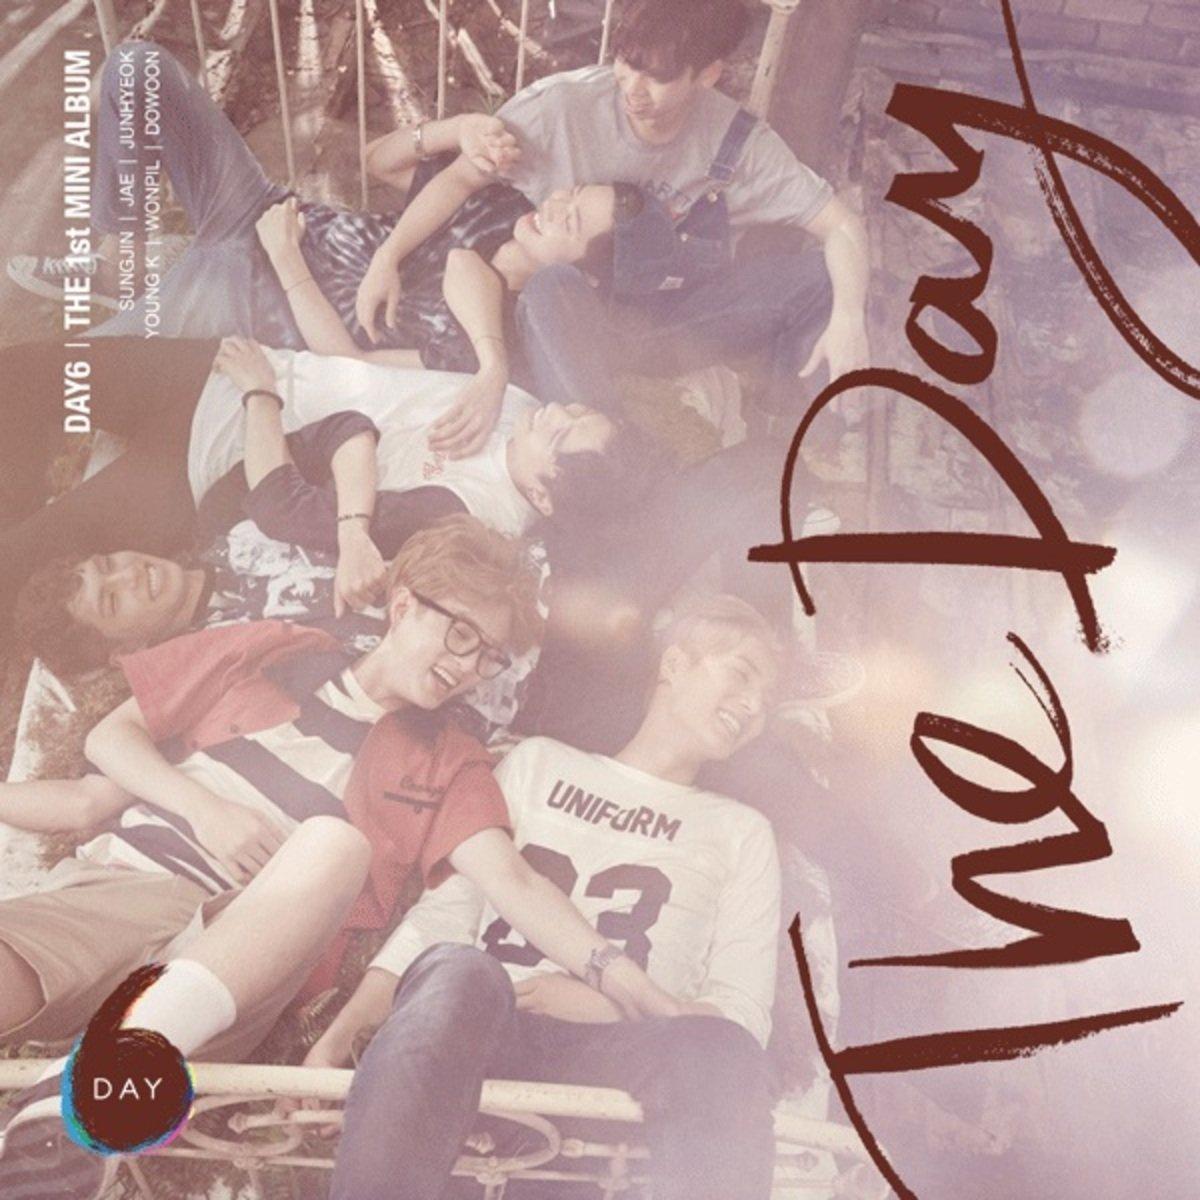 DAY 6- Mini Album Vol.1 [The Day]_GD00021294